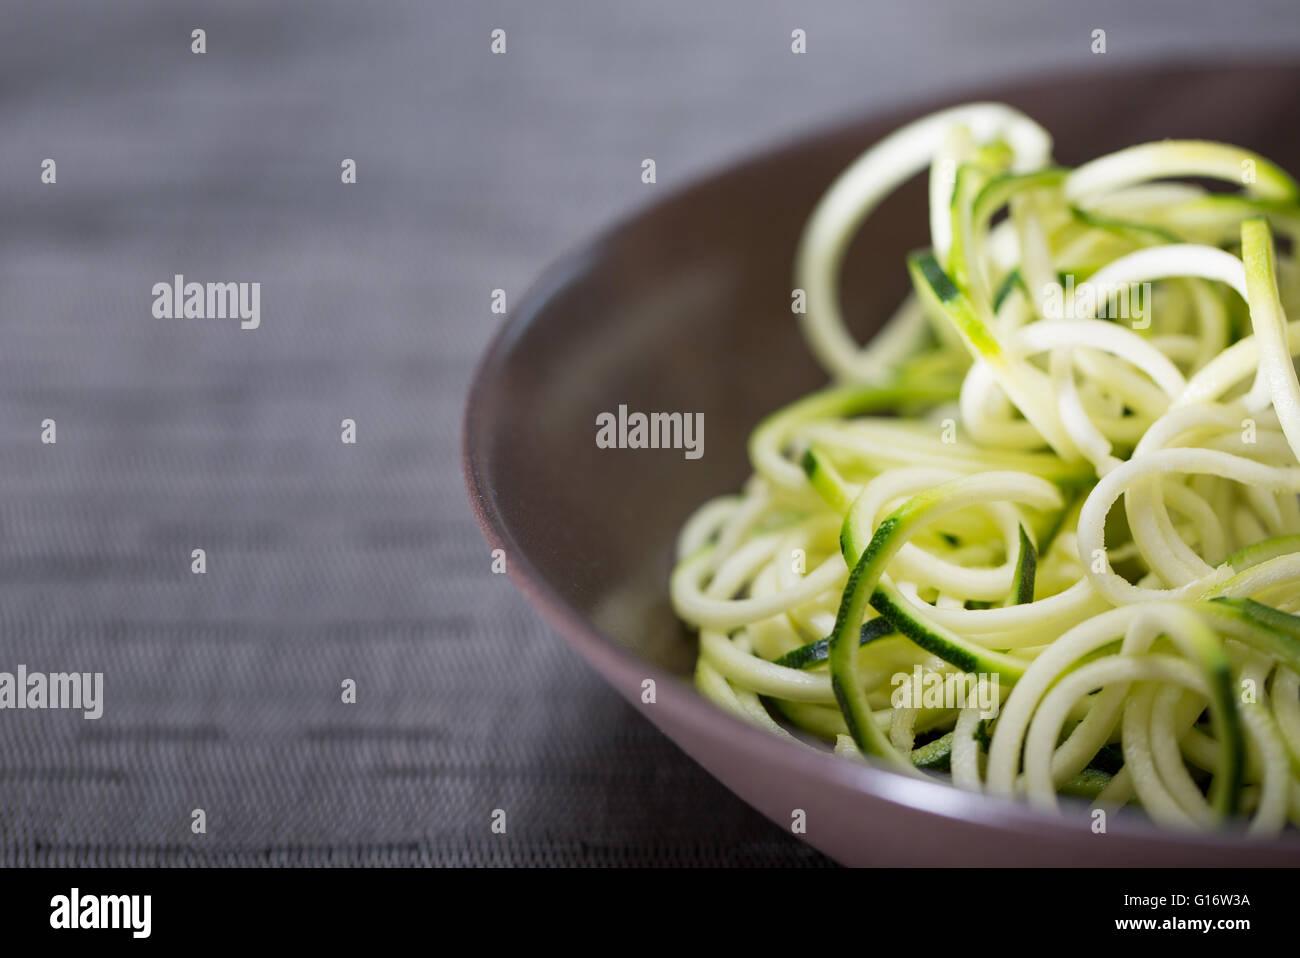 Un tazón de calabacín (zucchini) fideos (espaguetis) realizados mediante un spiralizer Imagen De Stock